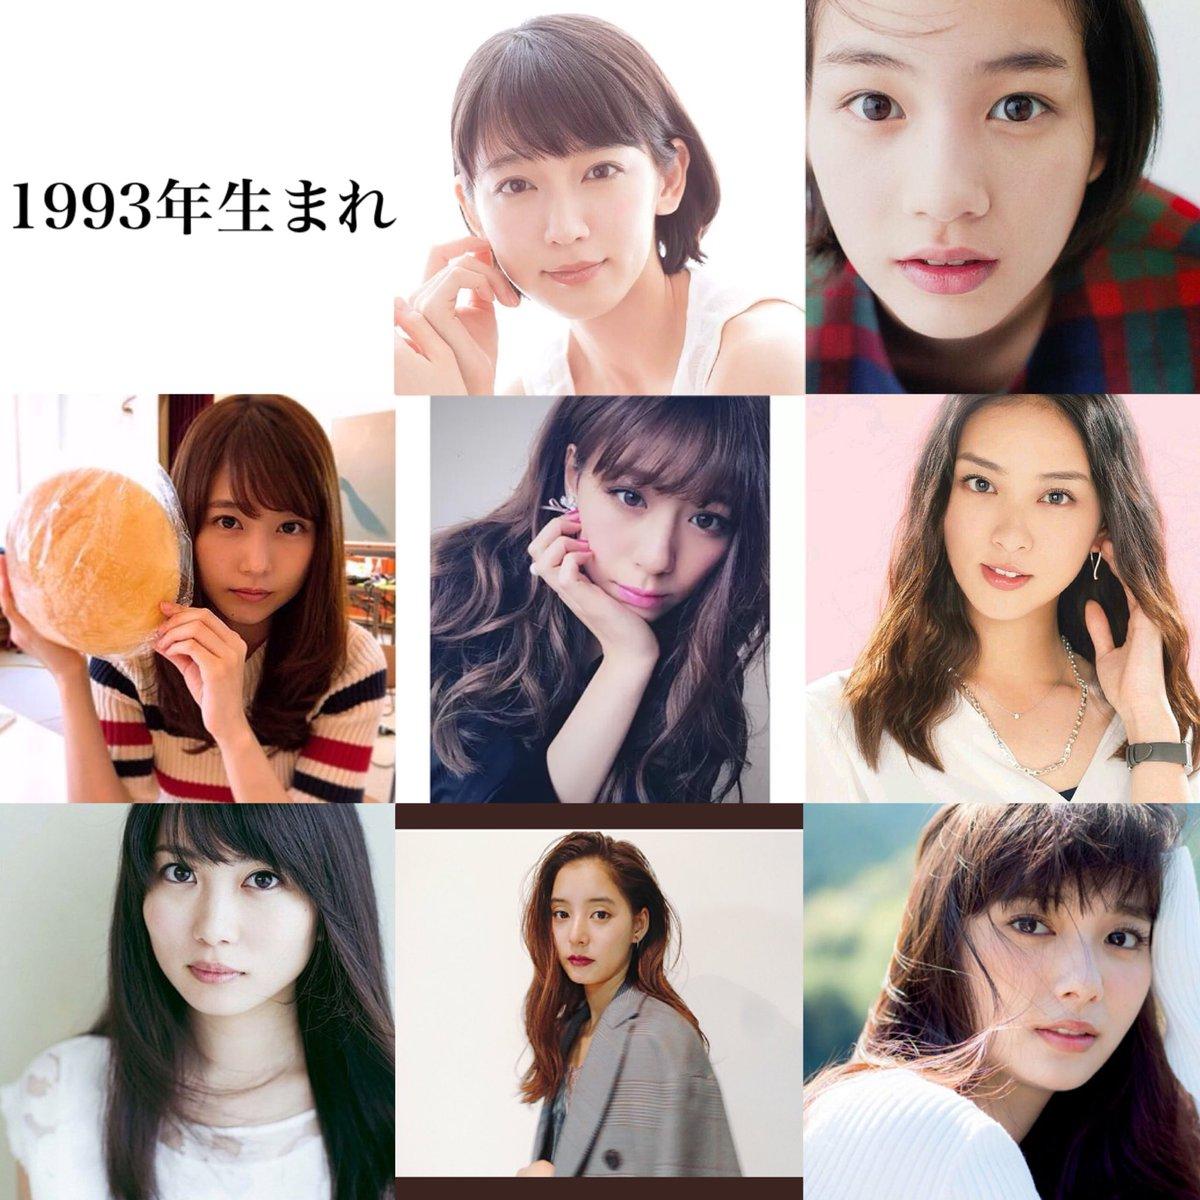 """みー on Twitter: """"1993年生まれ 美男美女多すぎ。 #1993年生まれ ..."""